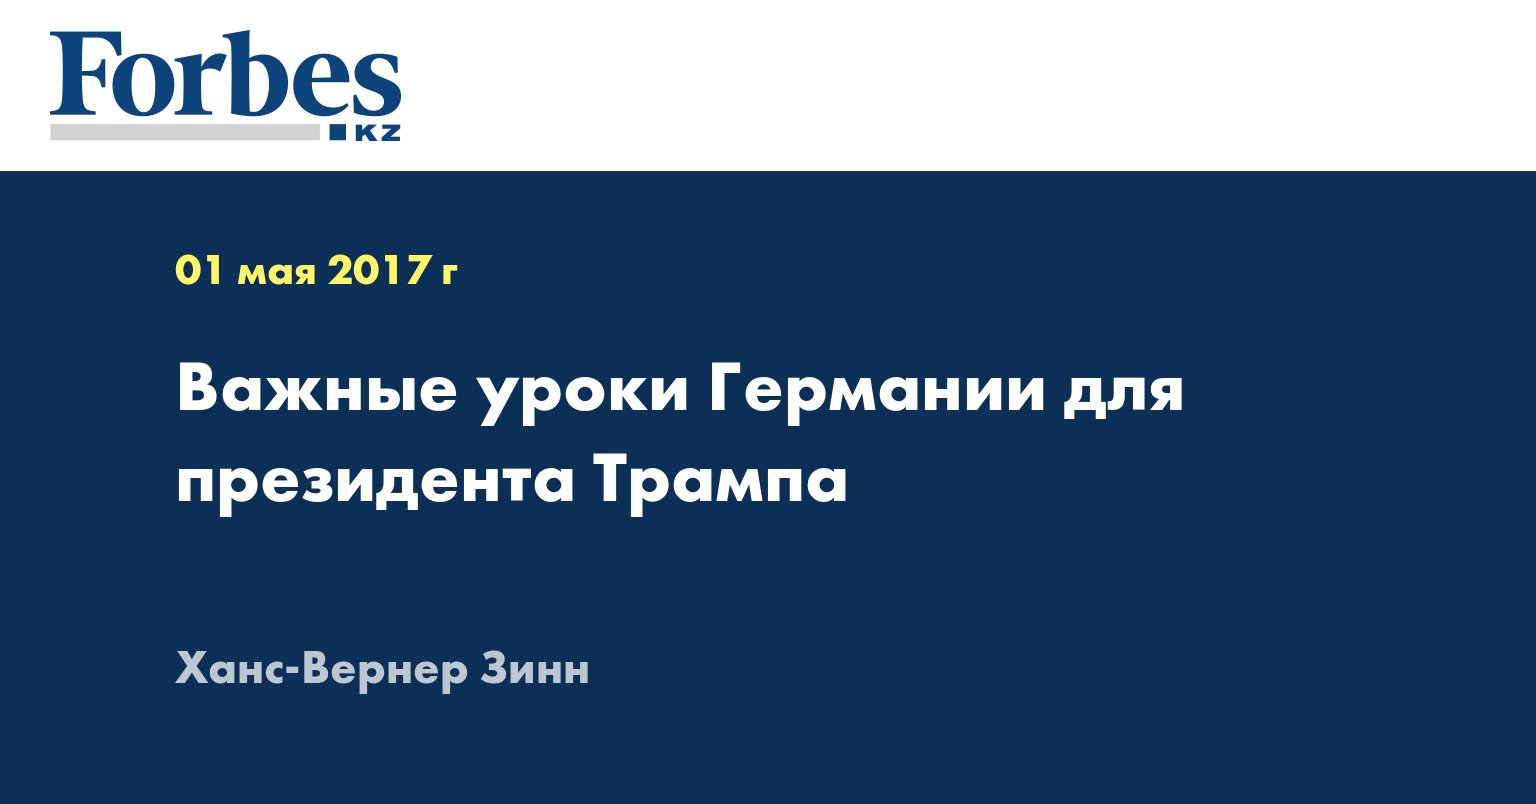 За иномарки фирма готова заплатить 16,8 миллиона рублей дорожное движение, коррупция, минобороны рф